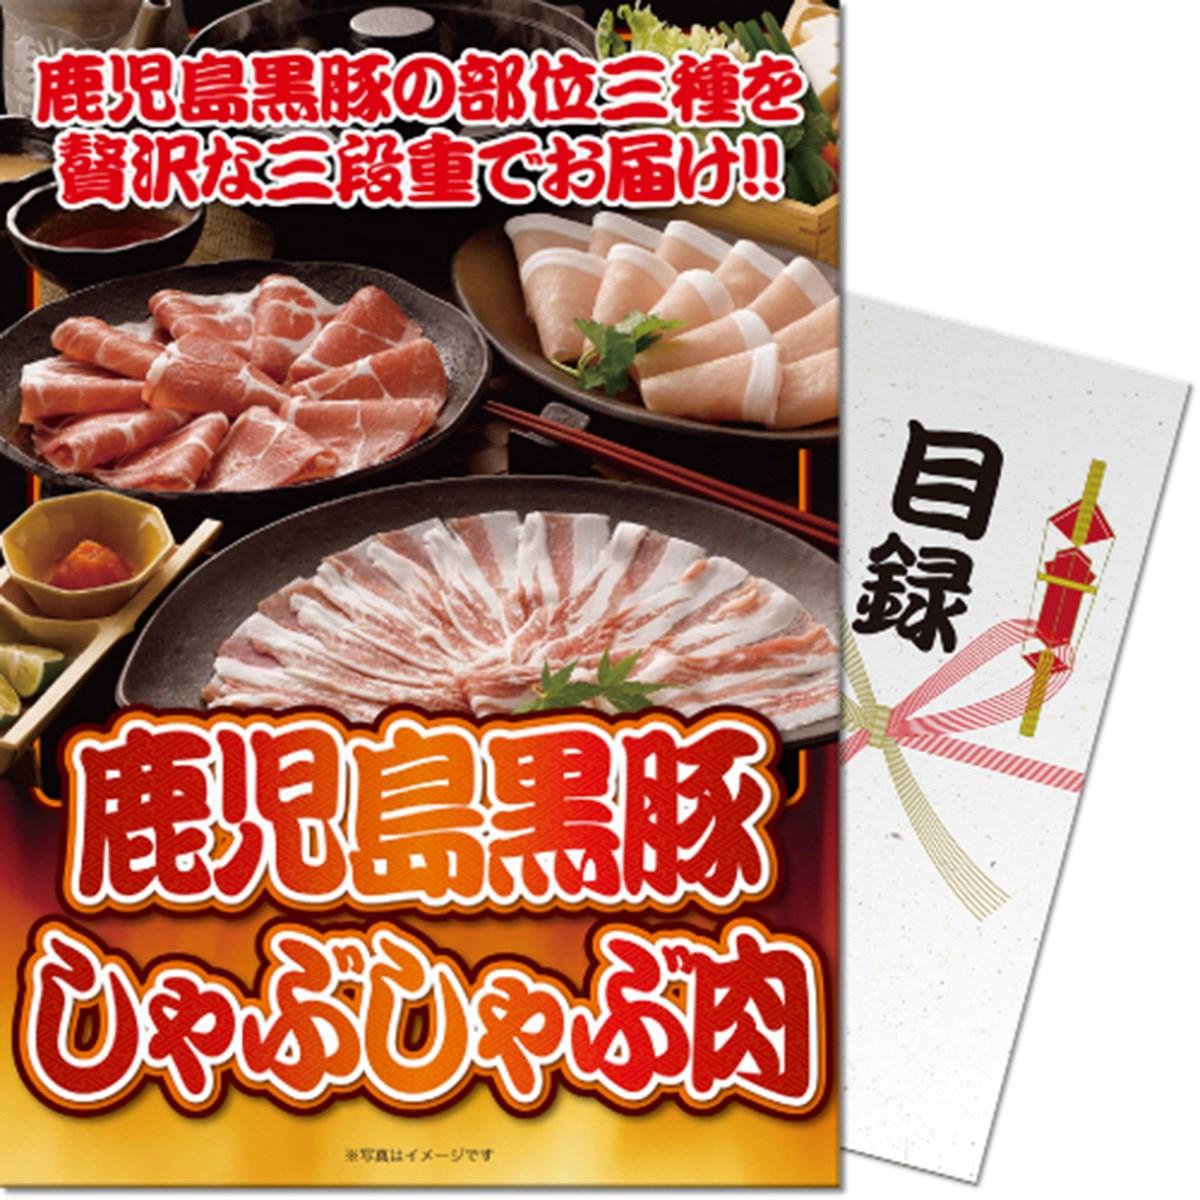 その他メーカー パネもく!鹿児島県産黒豚しゃぶしゃぶ 目録 A4パネル付き